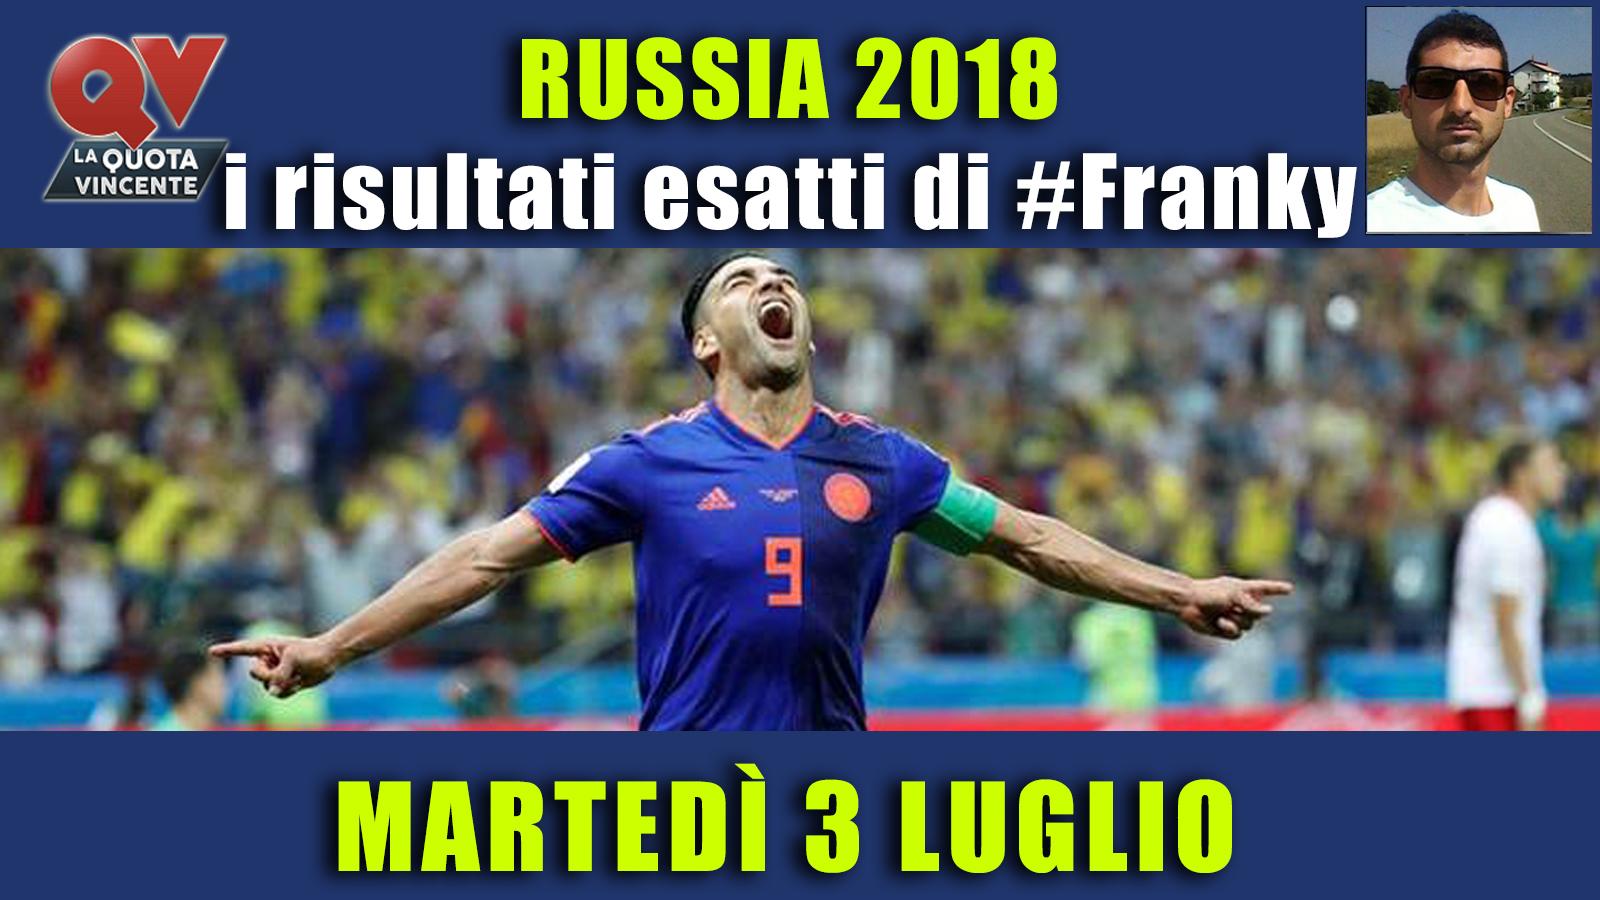 Pronostici risultati esatti Mondiali 3 luglio: le scelte di #FrankyDefa